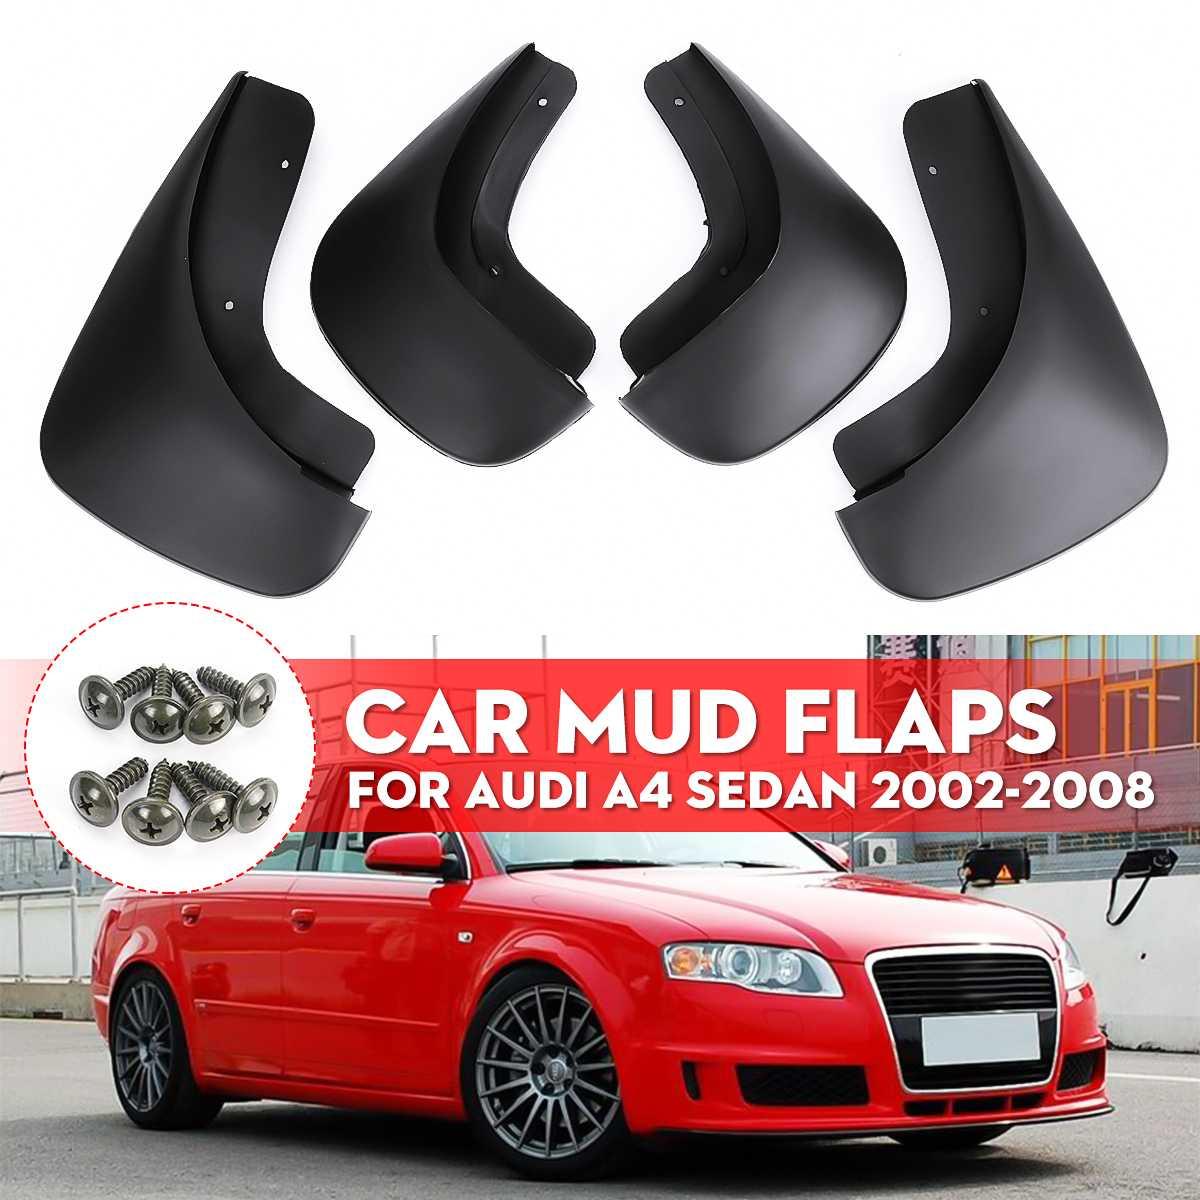 자동차 머드 플랩 mudflaps 스플래쉬 가드 mudguards for fender for audi a4 sedan 2002 2003 2004 2005 2006 2007 2008